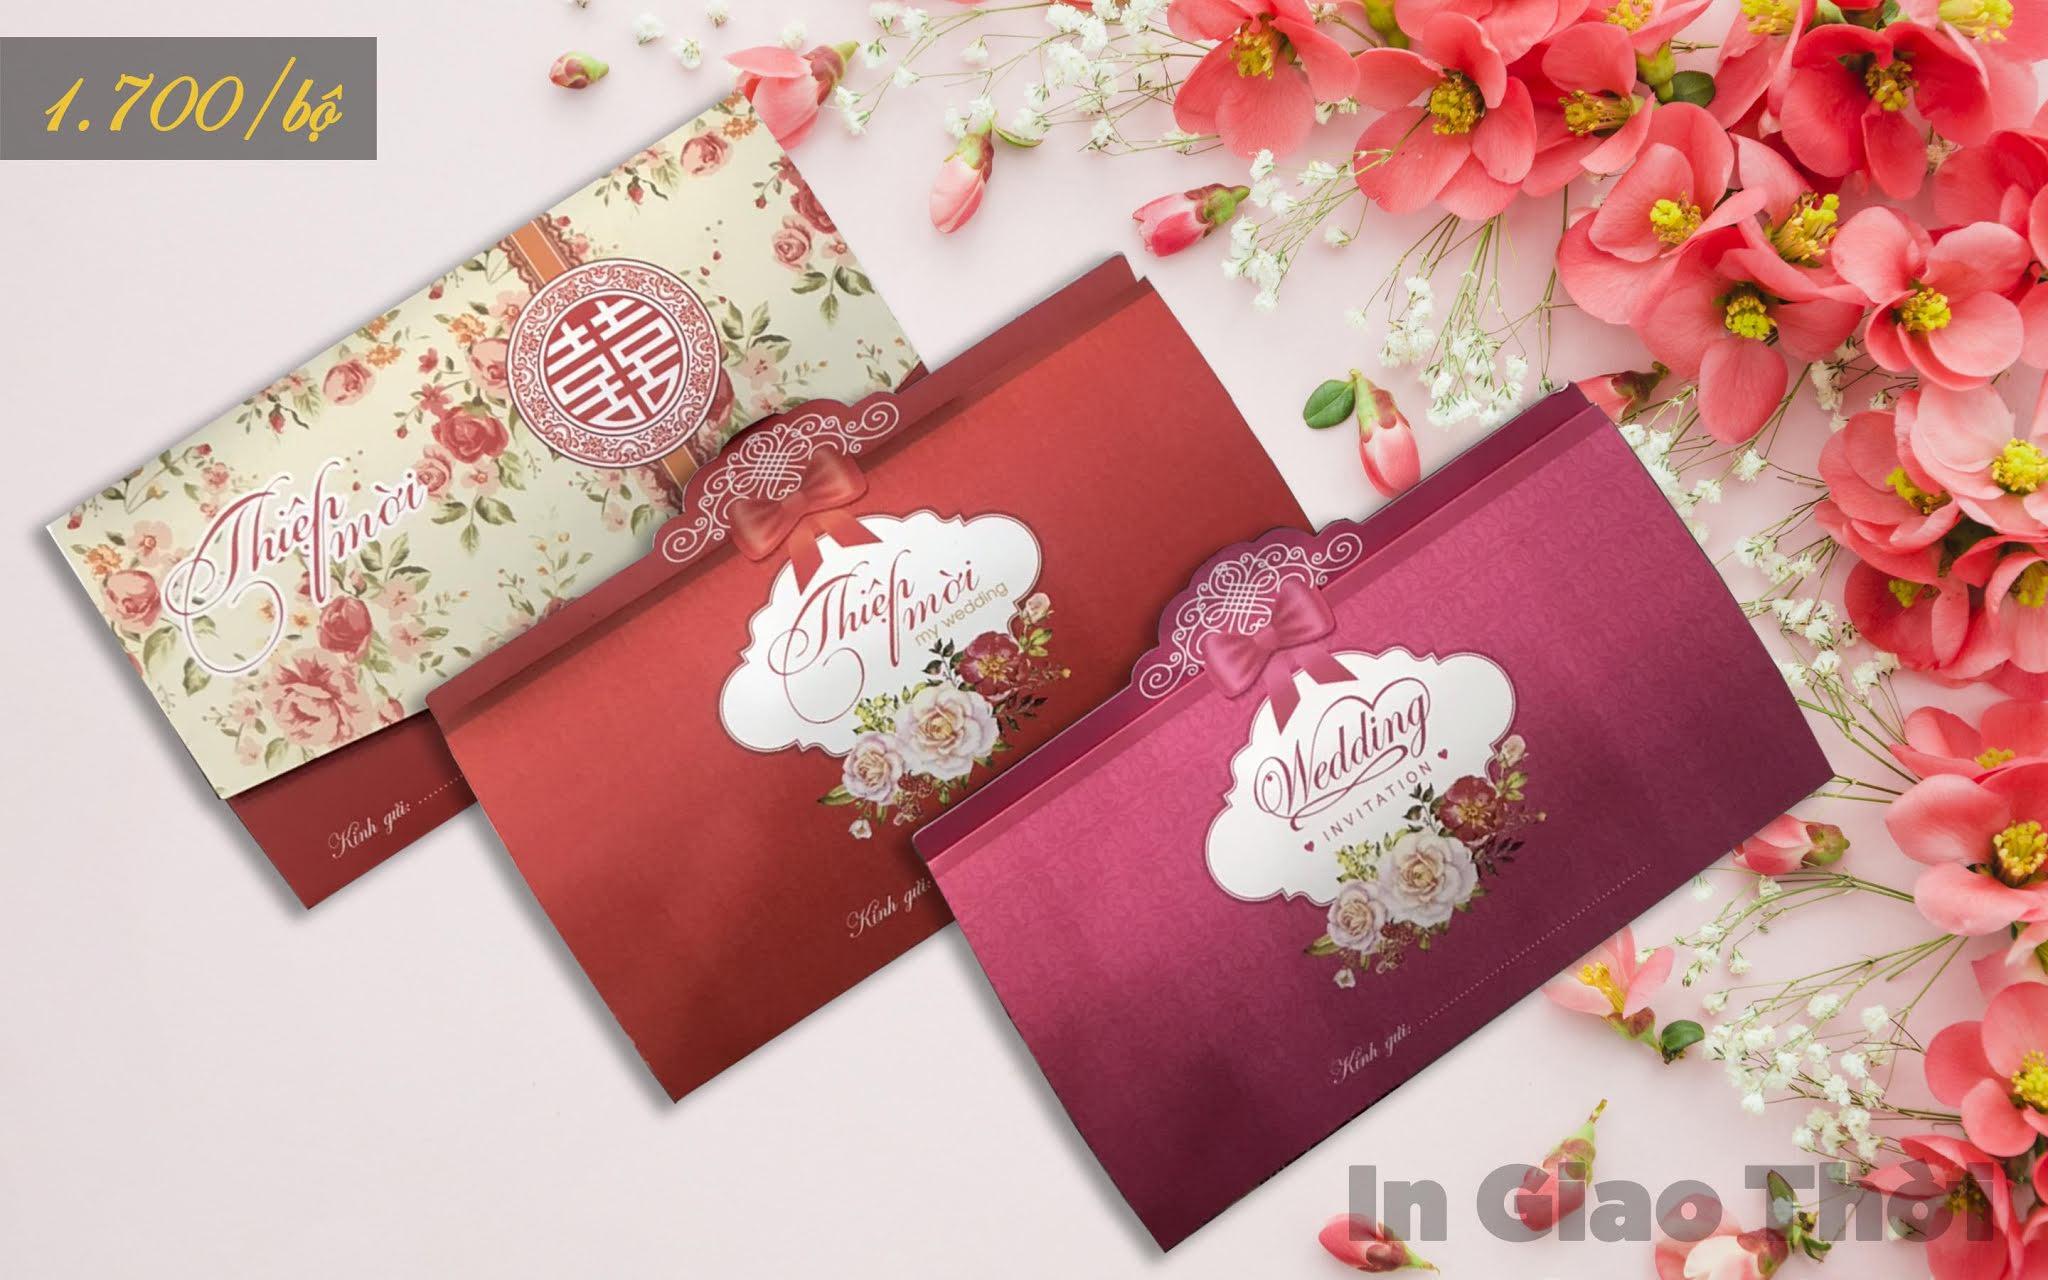 giá thiệp mời đám cưới tại Đà Nẵng